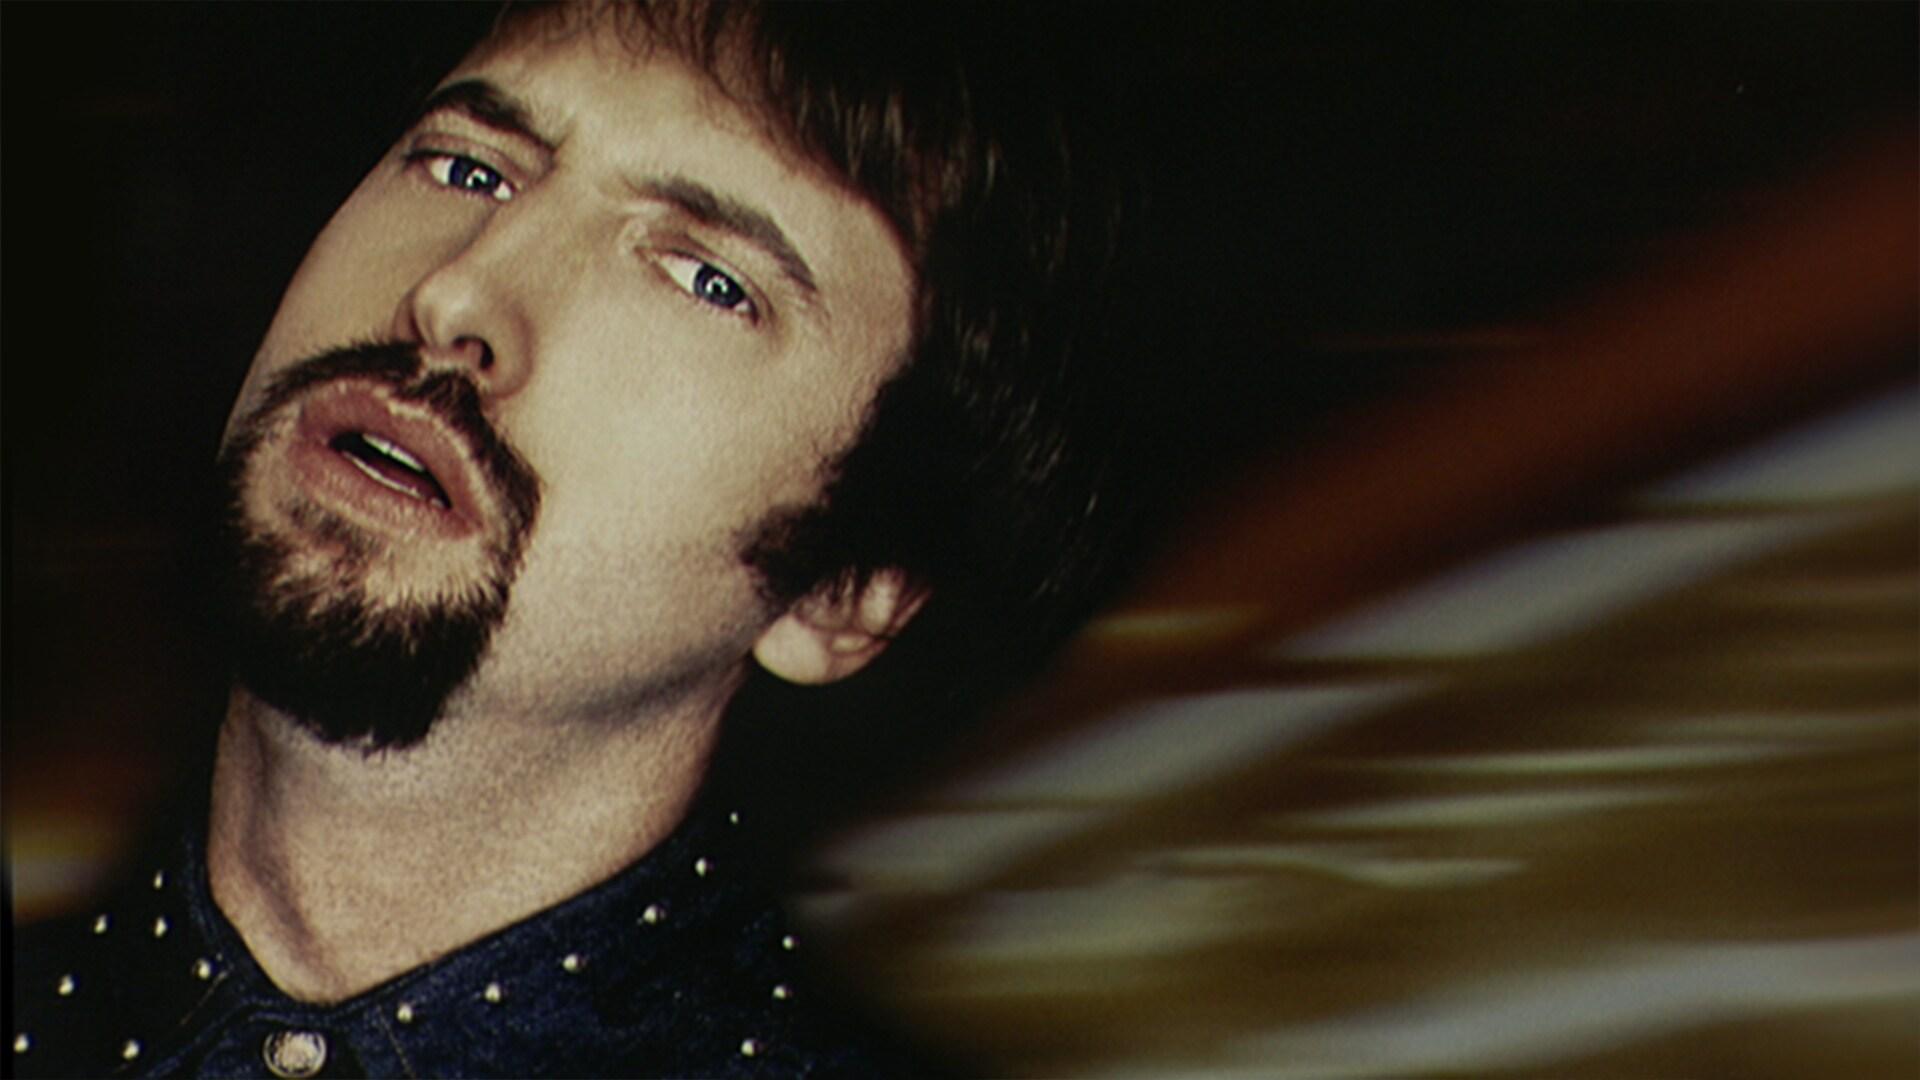 Tom Green: November 18, 2000